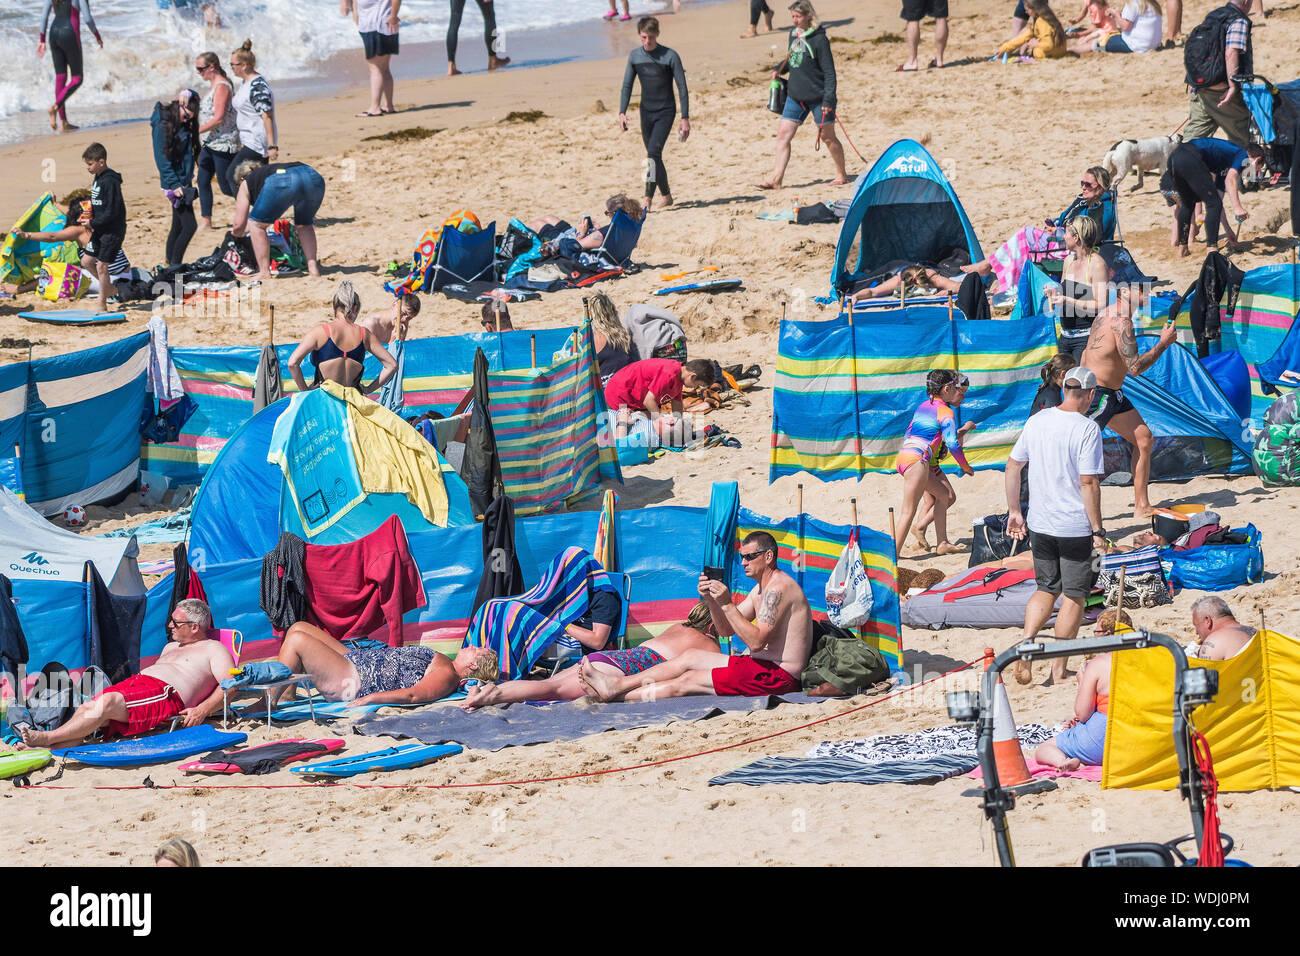 Los Turistas divirtiéndose en la playa Fistral en Newquay en Cornualles durante el verano. Foto de stock